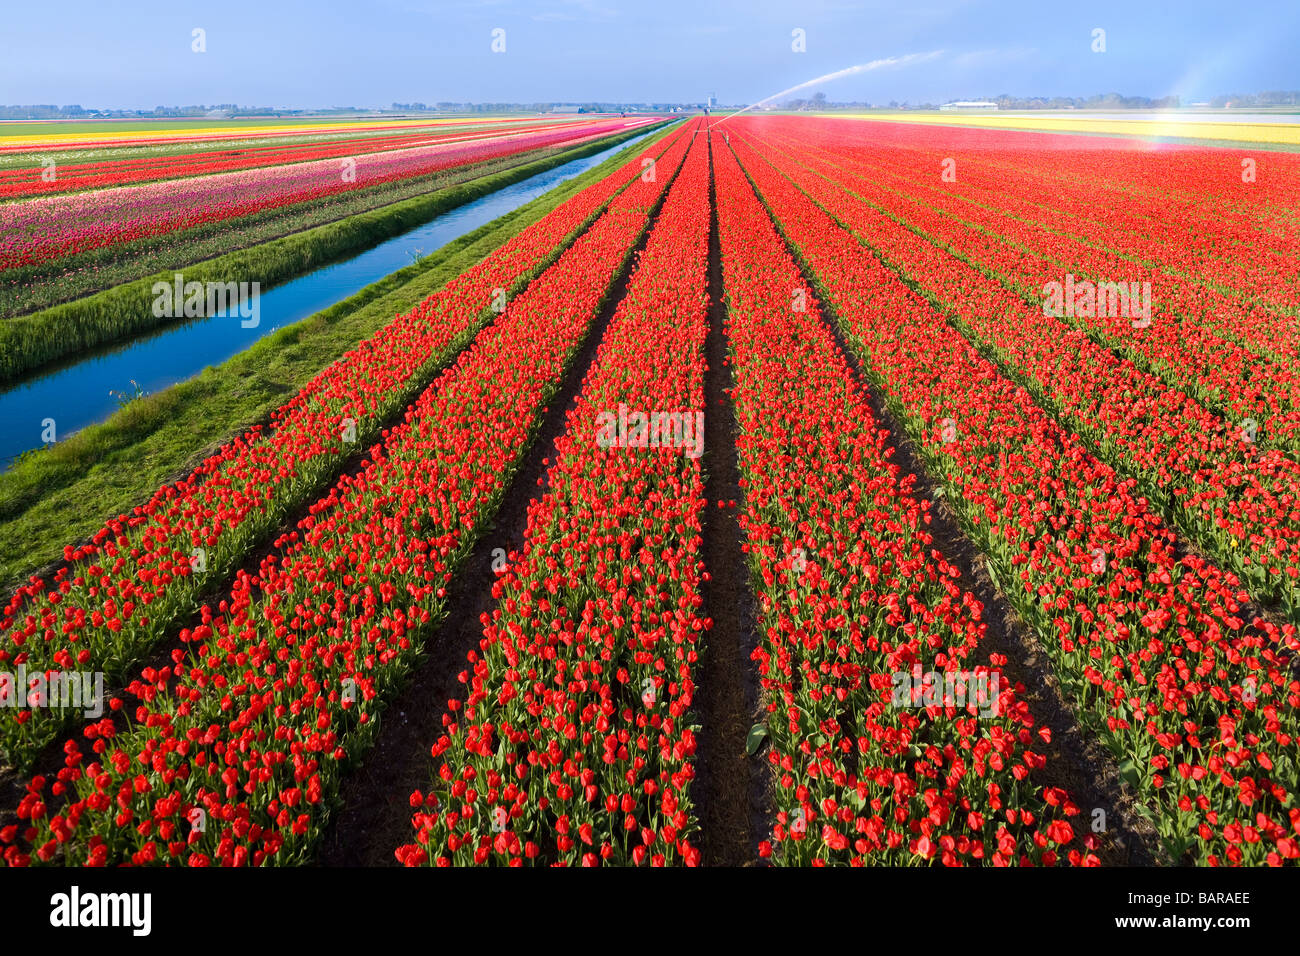 Tulipani olandesi, i campi di tulipani in righe vicino a Alkmaar, Olanda, con canal e soffione di erogazione dell'acqua Immagini Stock